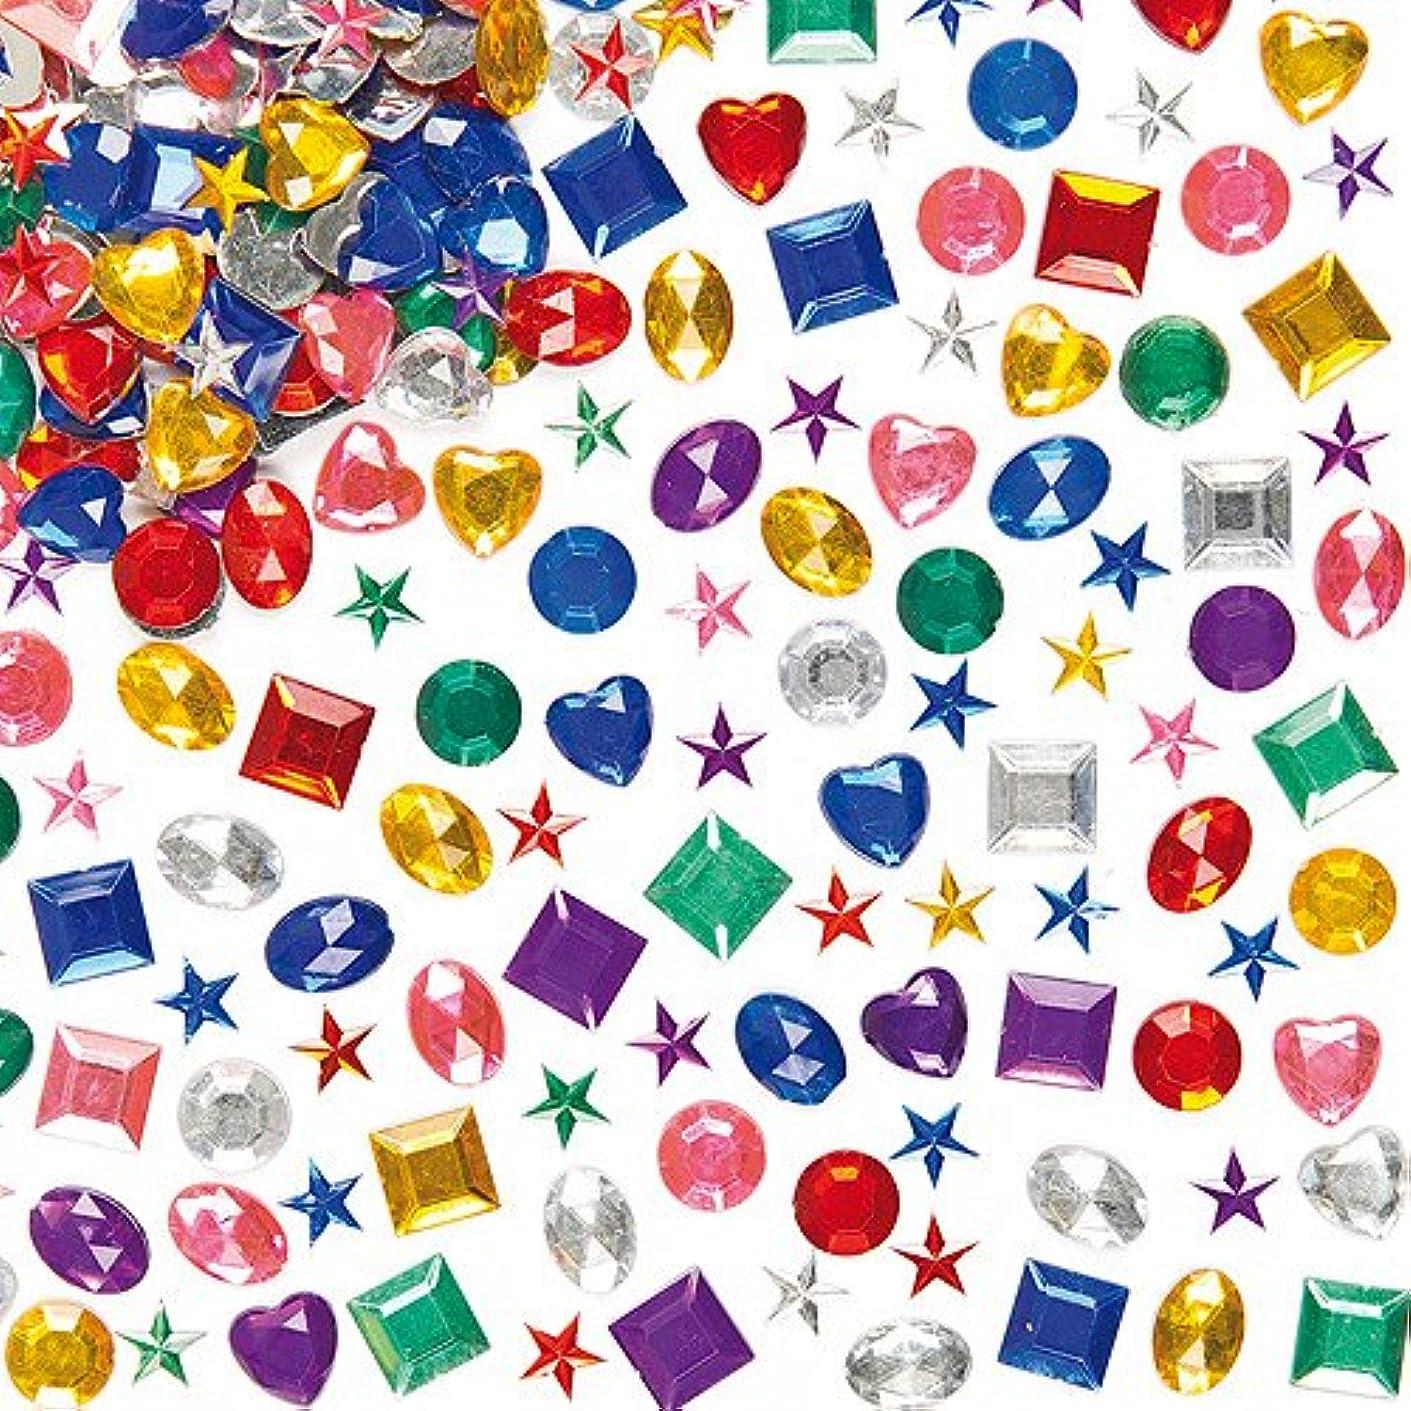 よろしくテレマコスアクセルアクリルラインストーン バリューパック(1000個入り)母の日やバレンタインの手作りカードや工作に